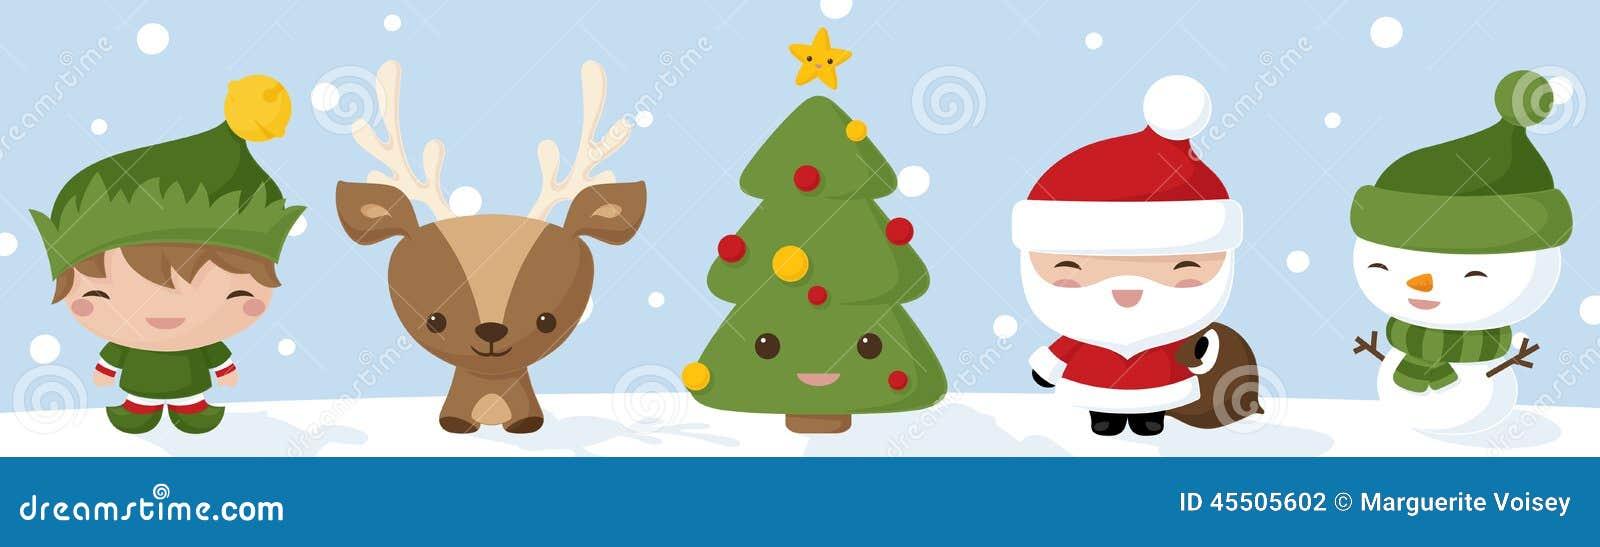 Kawaii Christmas Icons stock vector. Illustration of smiling - 45505602